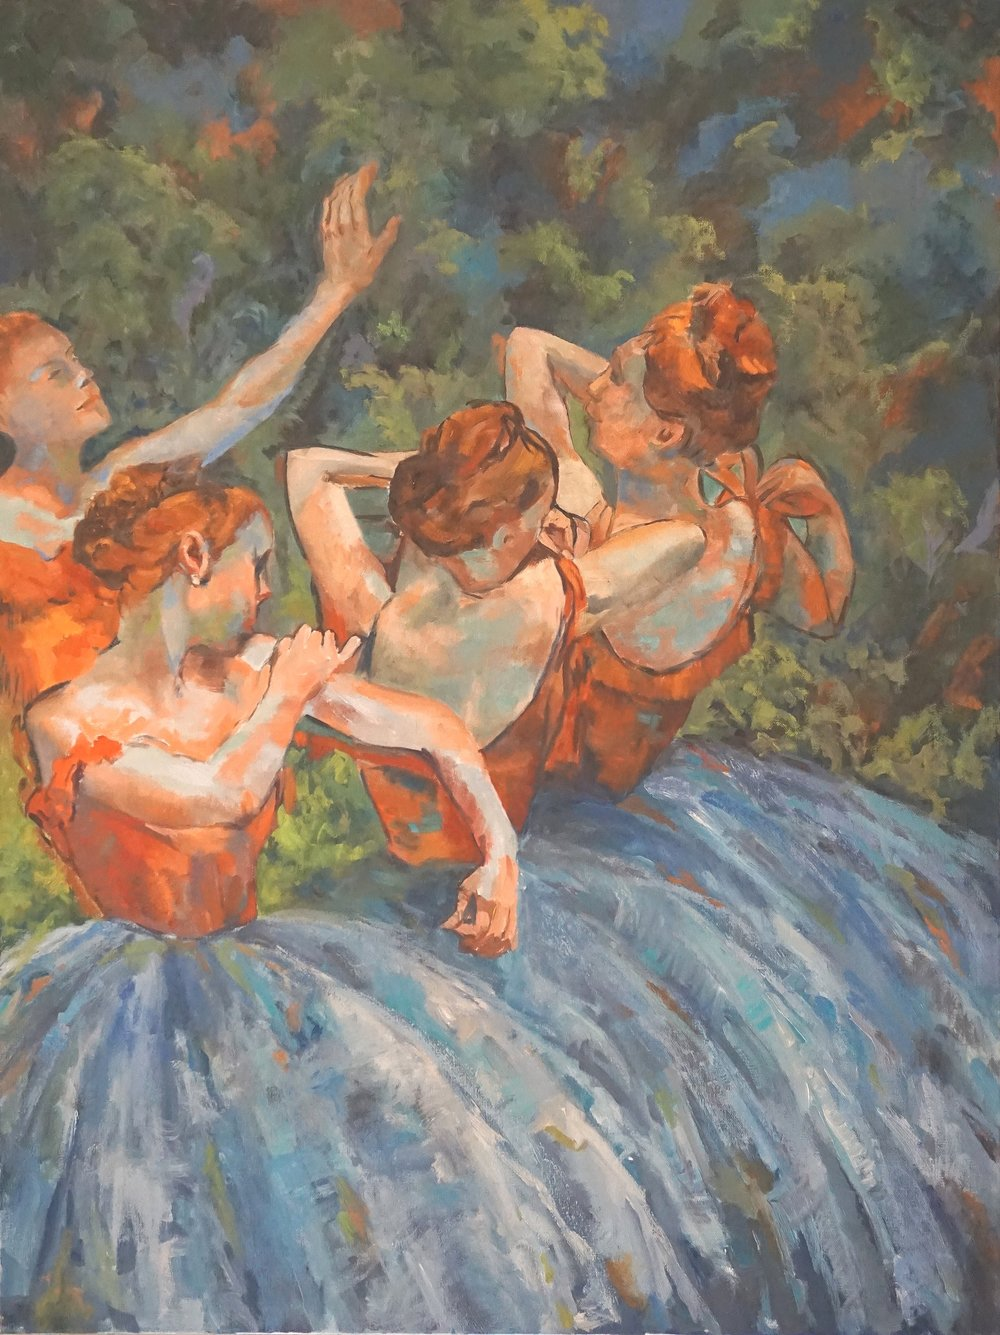 Interpretation of Edgar Degas